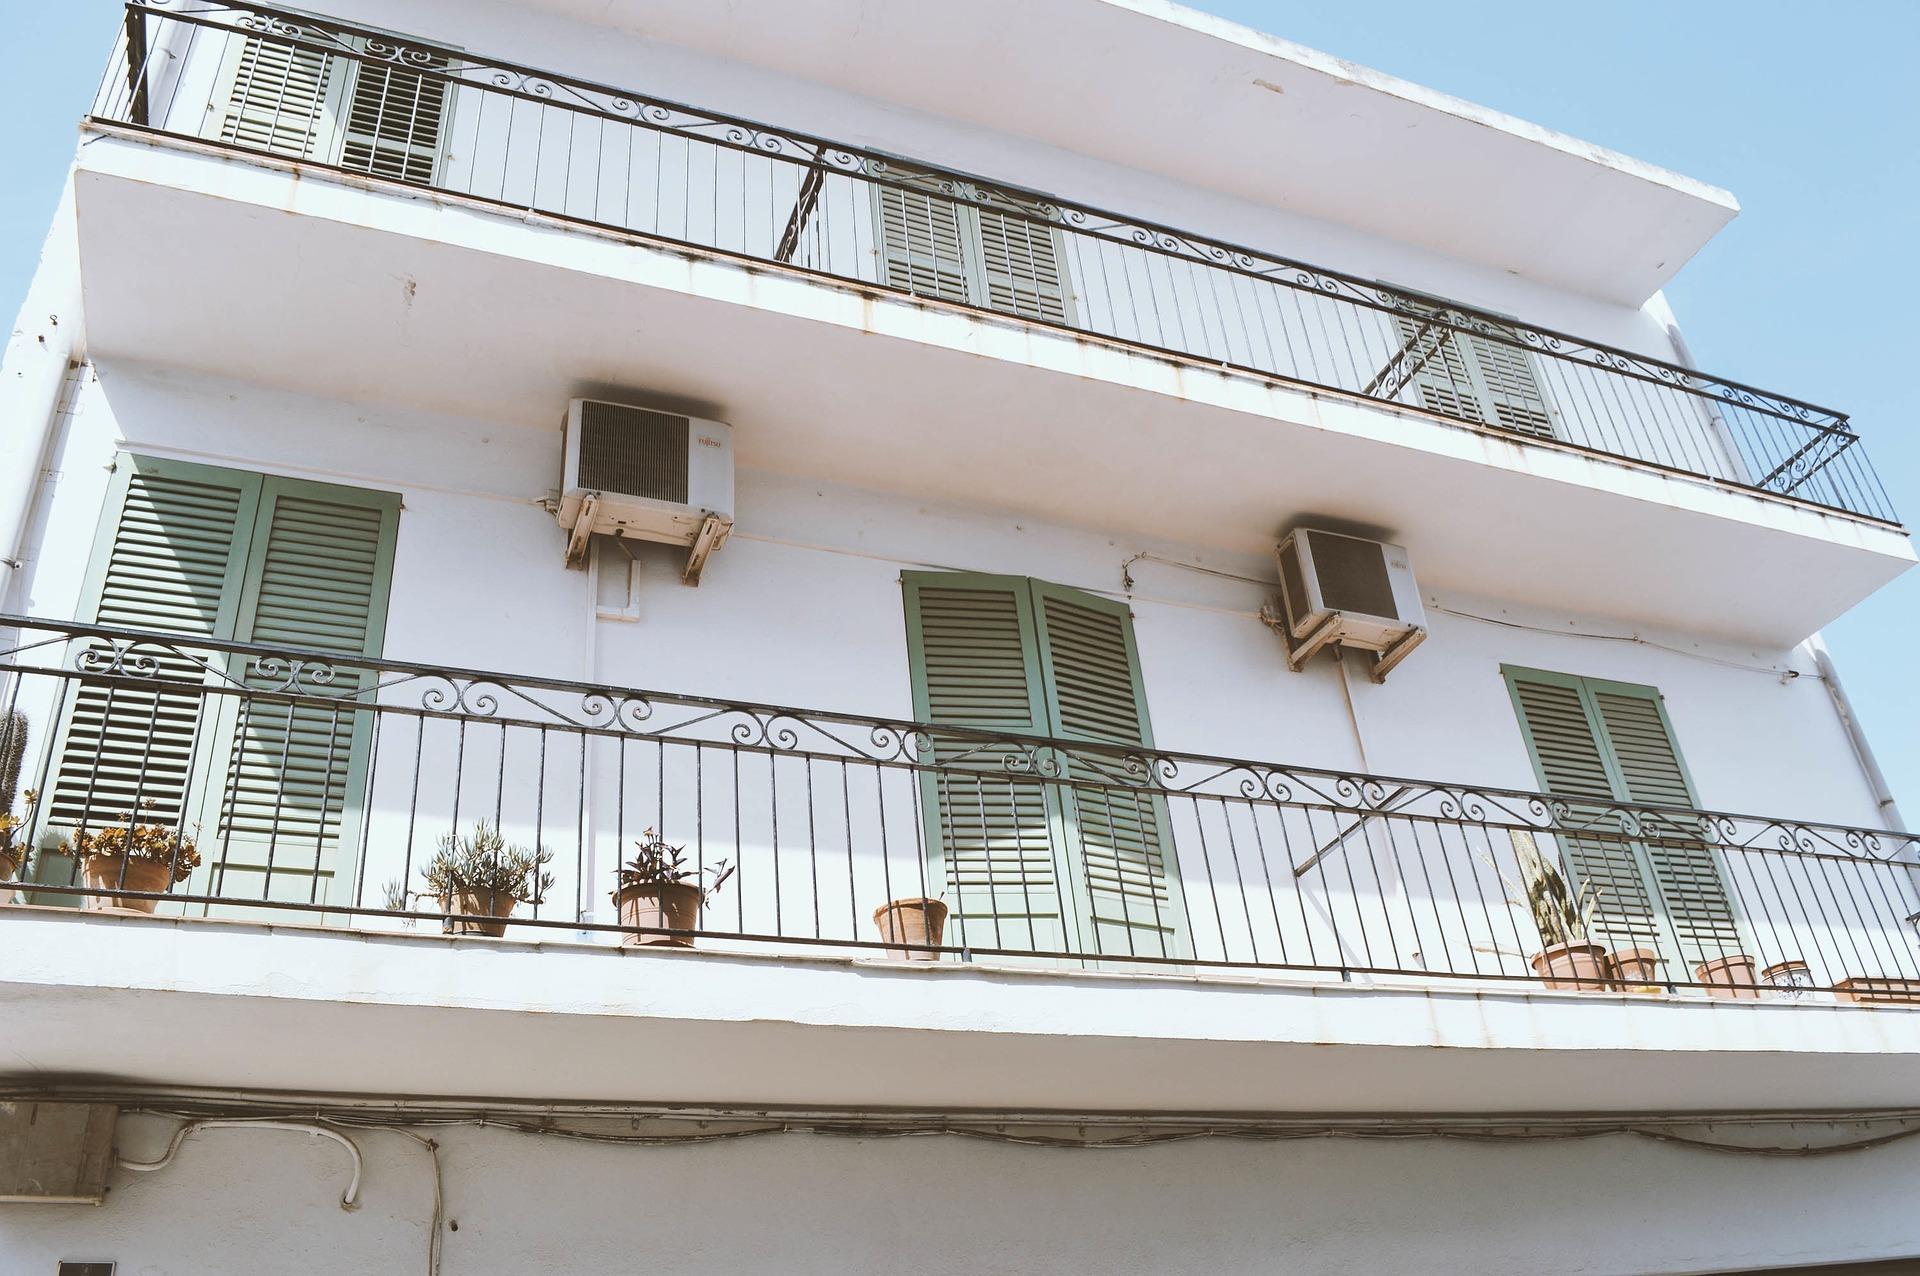 Ripartizione delle spese di balconi aggettanti. - CondoStudio